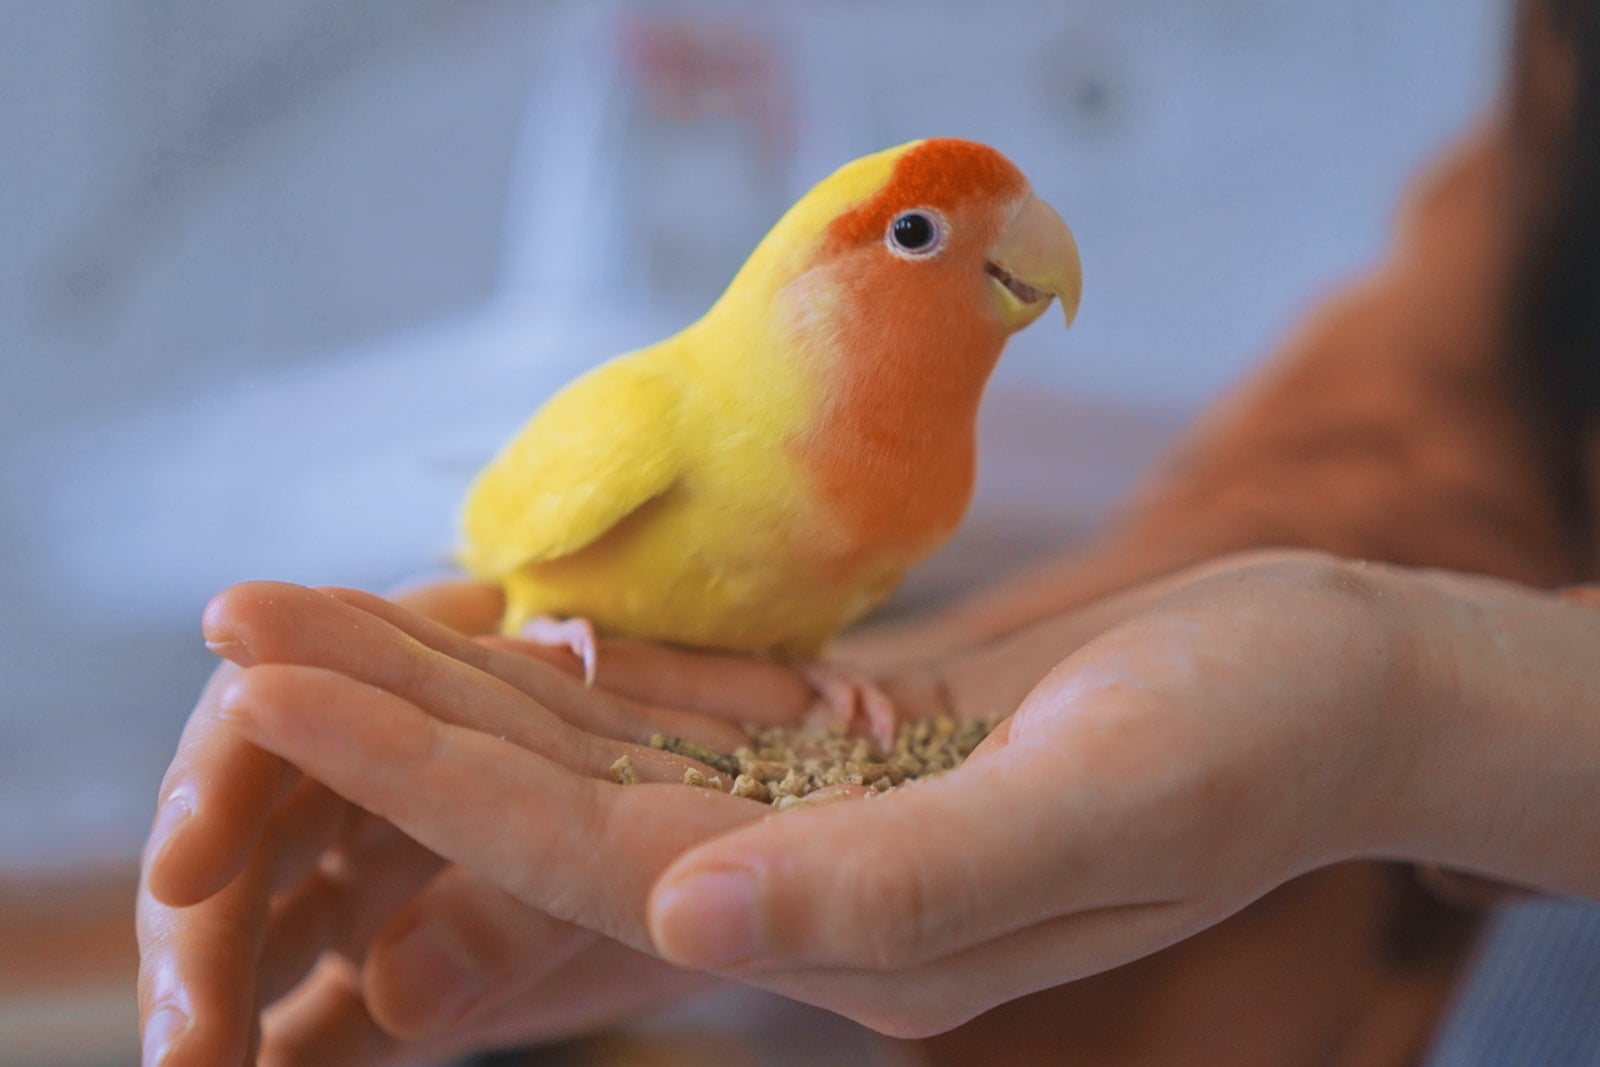 Cómo domesticar un loro - Qué hacer y qué no hacer para conquistar la confianza de tu pájaro